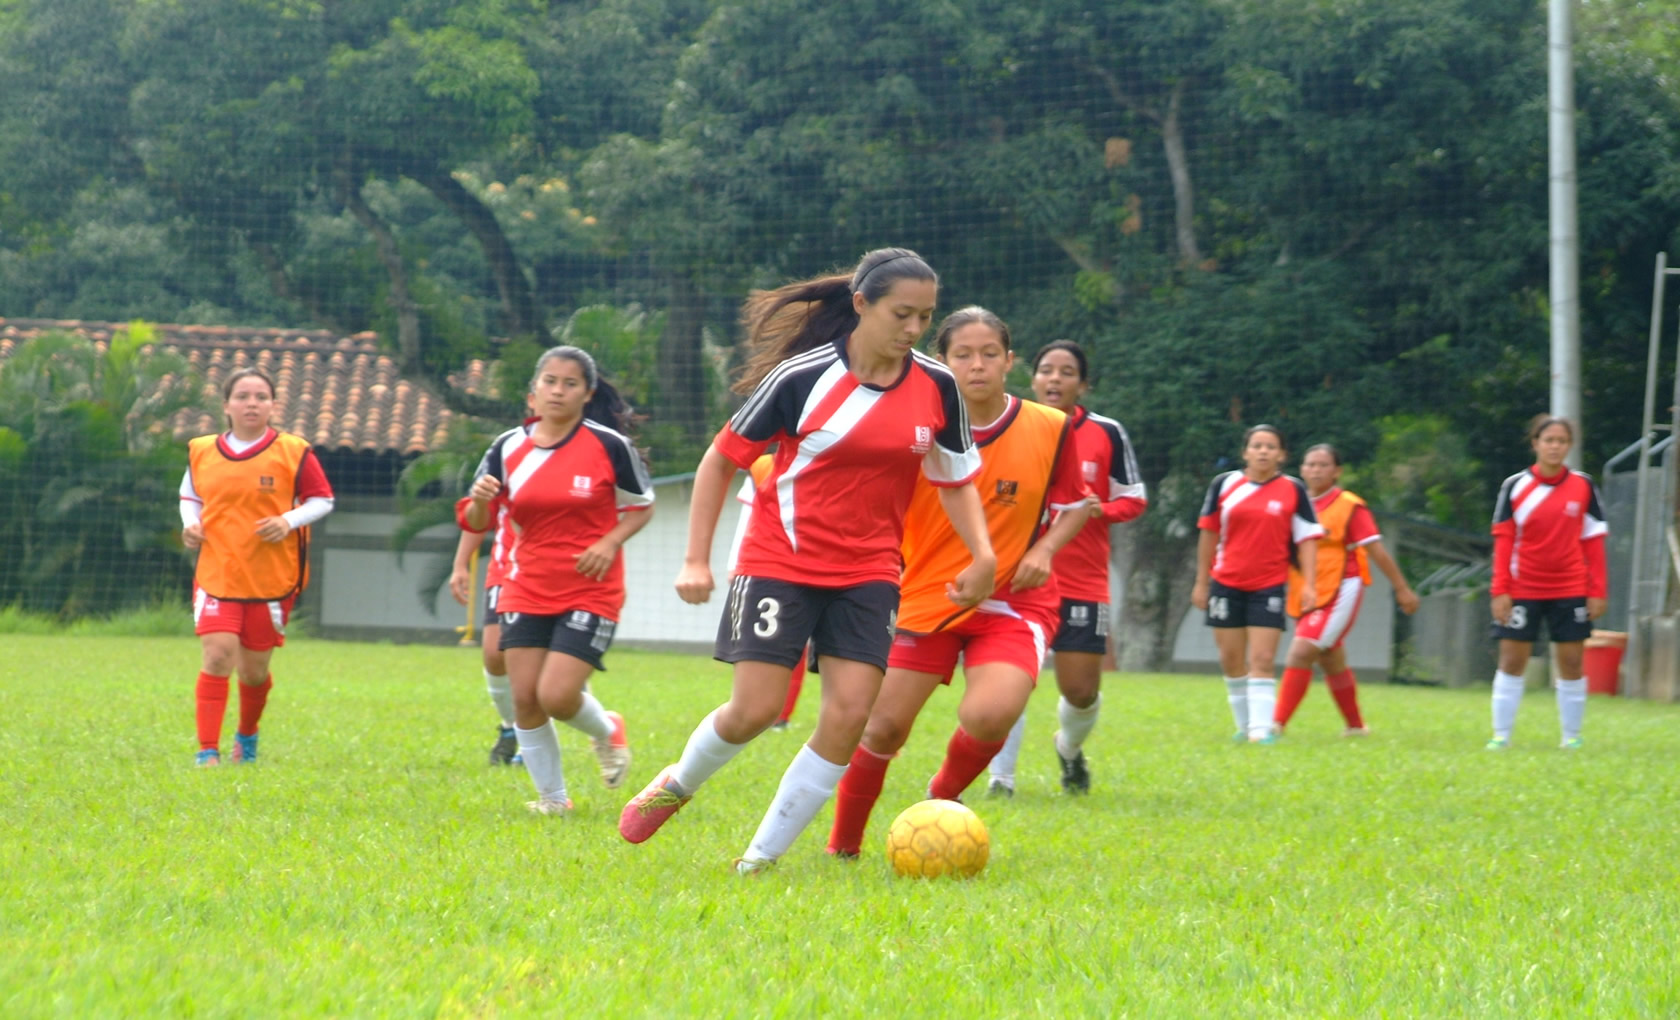 Más de 900 estudiantes se reunirán en la décima versión de la Copa Uao